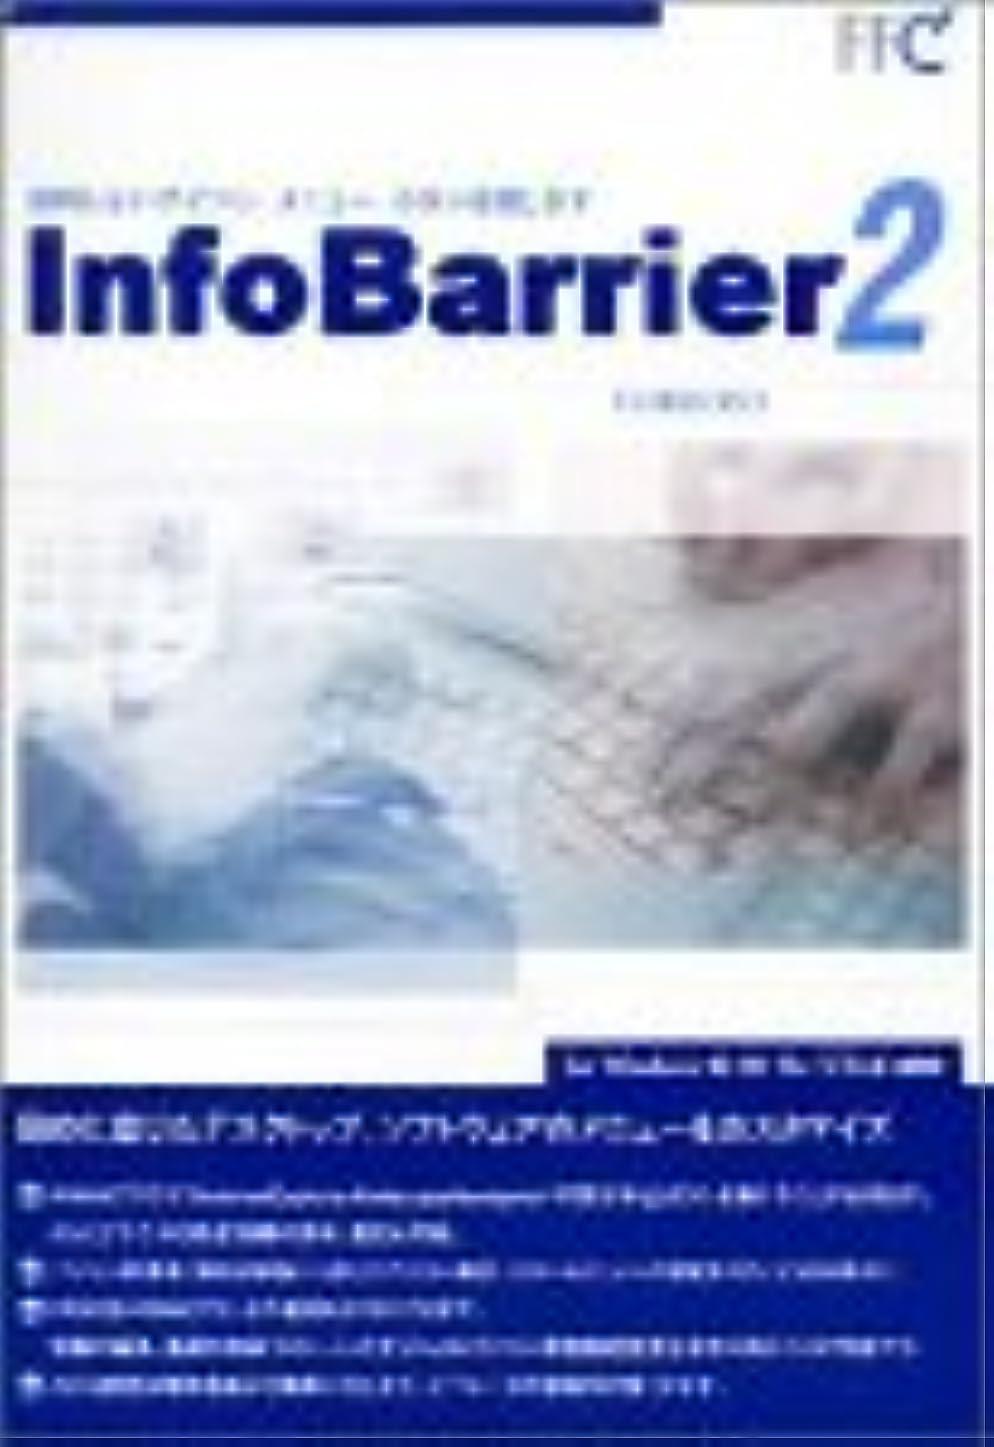 潮オーストラリア人半球InfoBarrier 2 Standard版